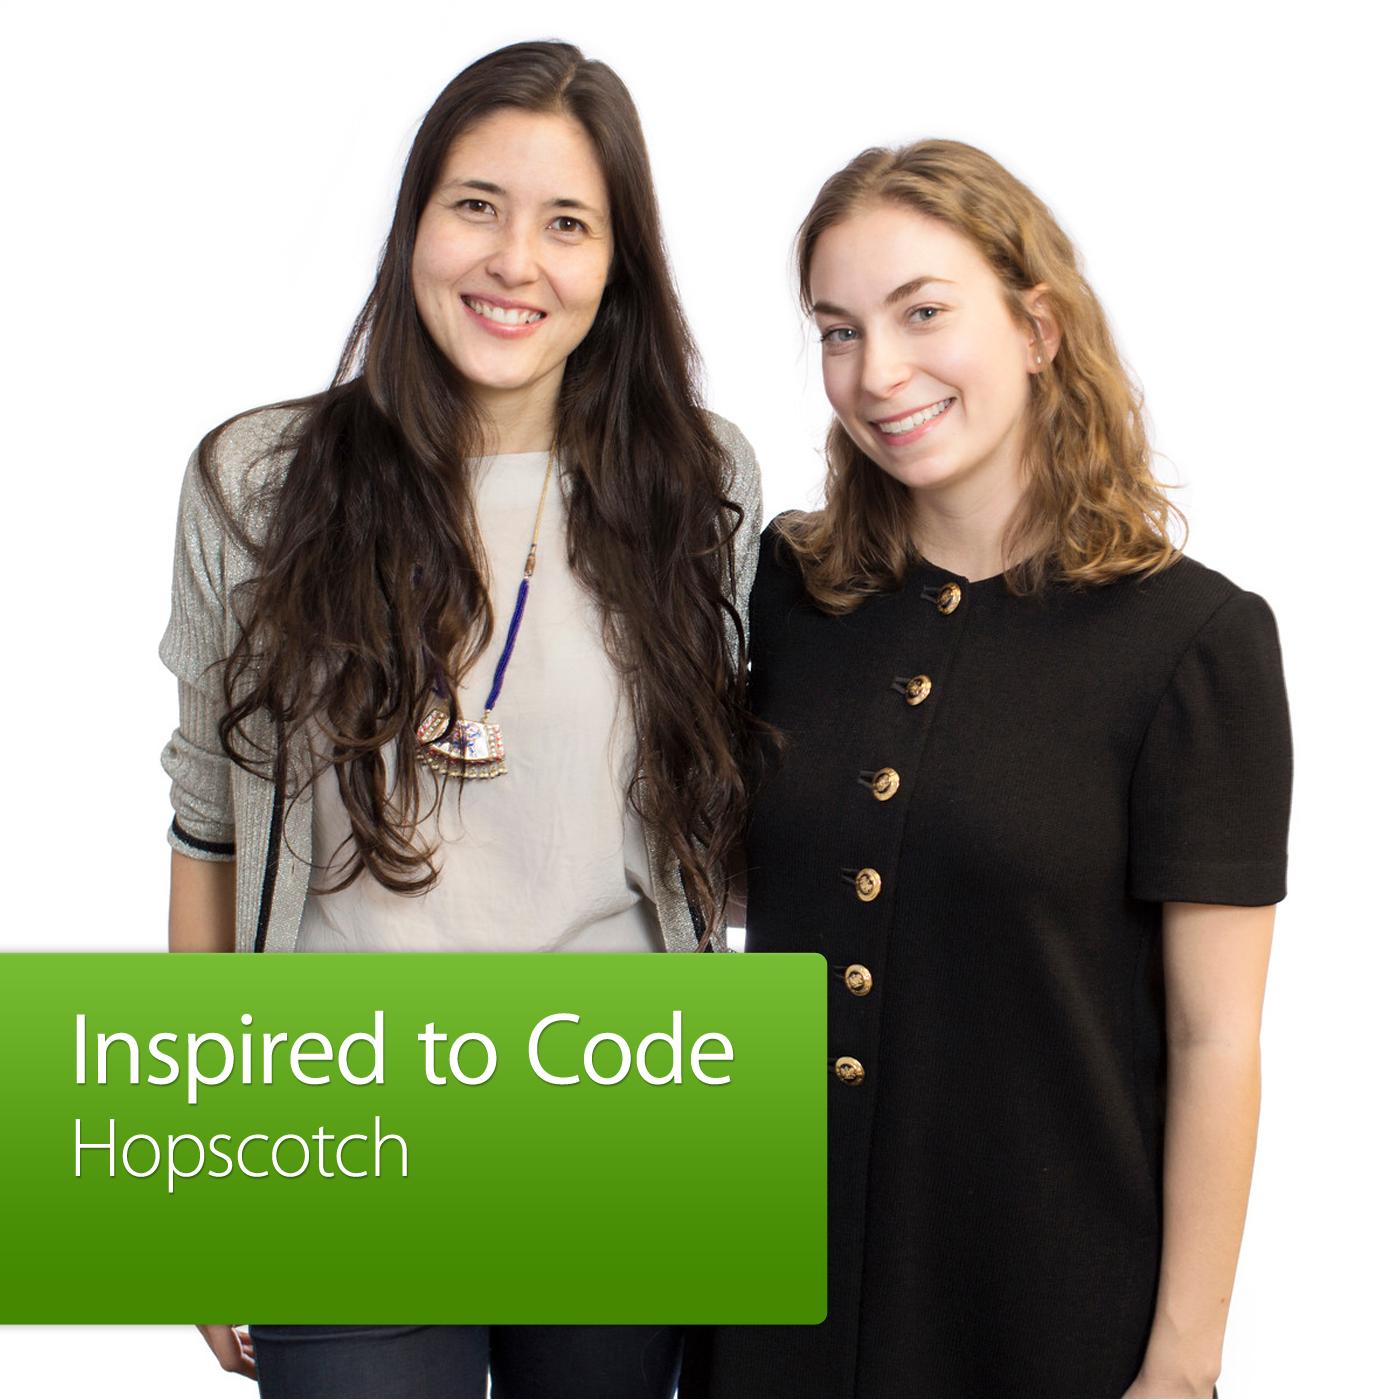 Inspired to Code: Jocelyn Leavitt, Hopscotch